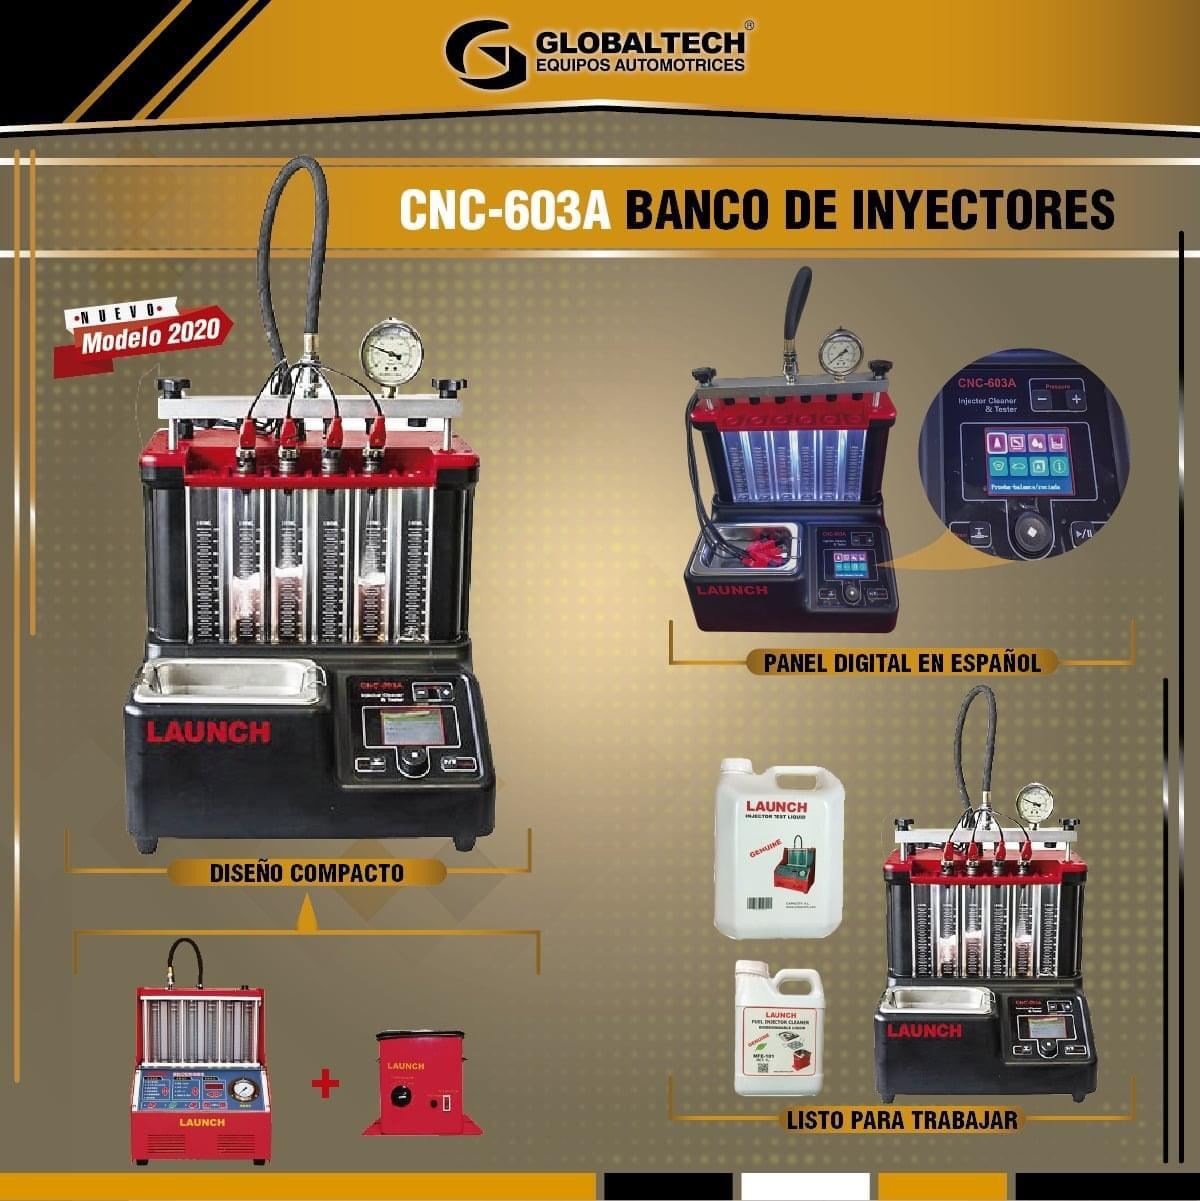 Banco de Pruebas Digital inyectores